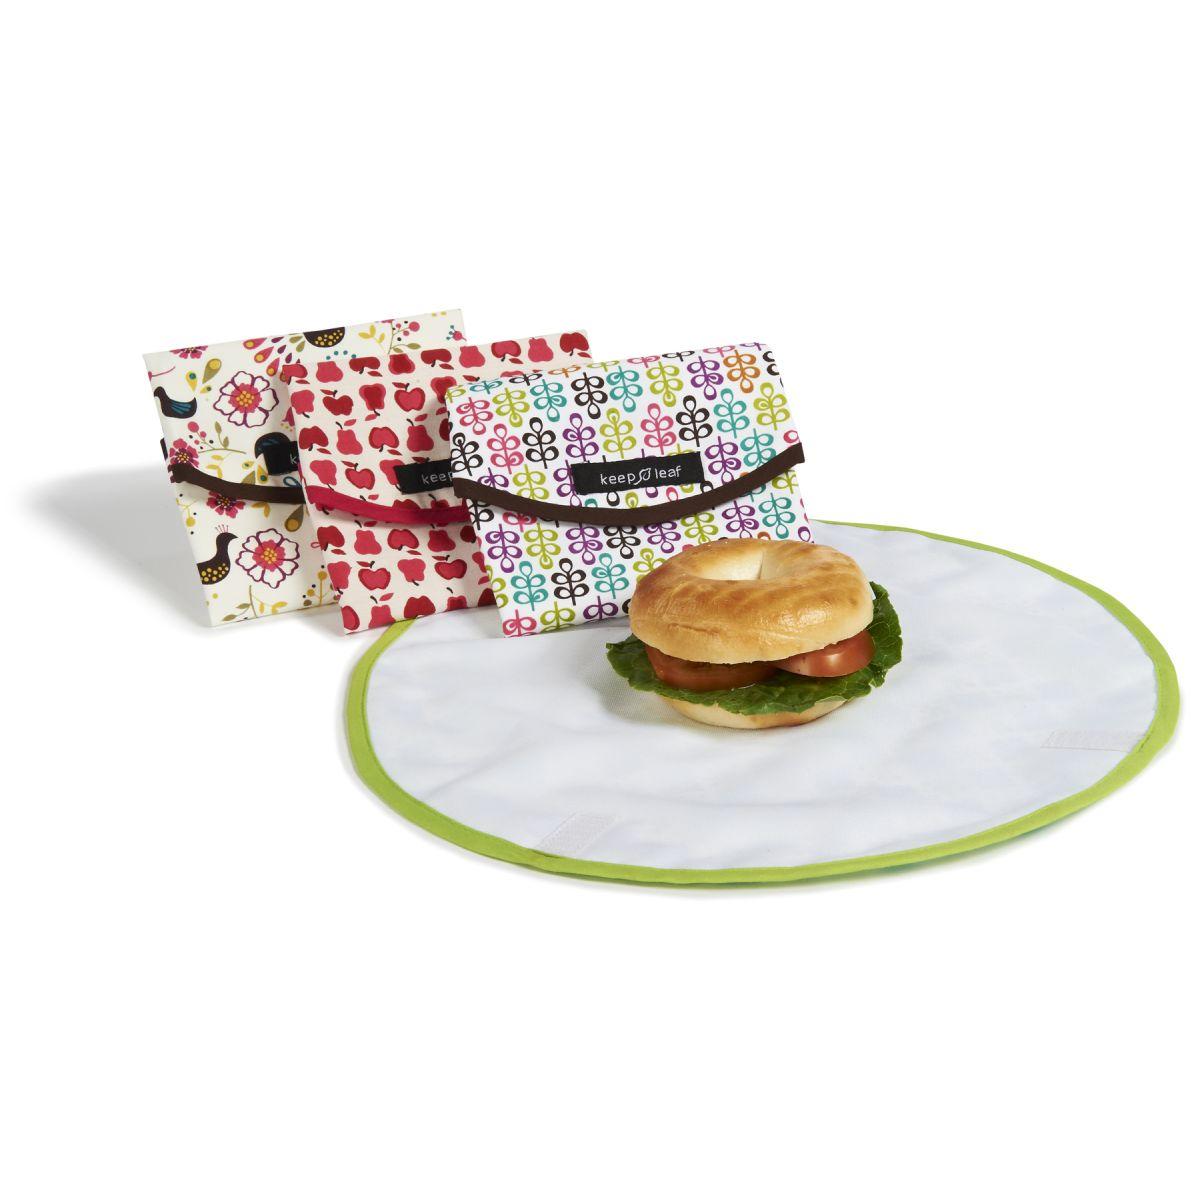 pochette r utilisable ronde pour go ters et sandwichs motif robots sebio. Black Bedroom Furniture Sets. Home Design Ideas